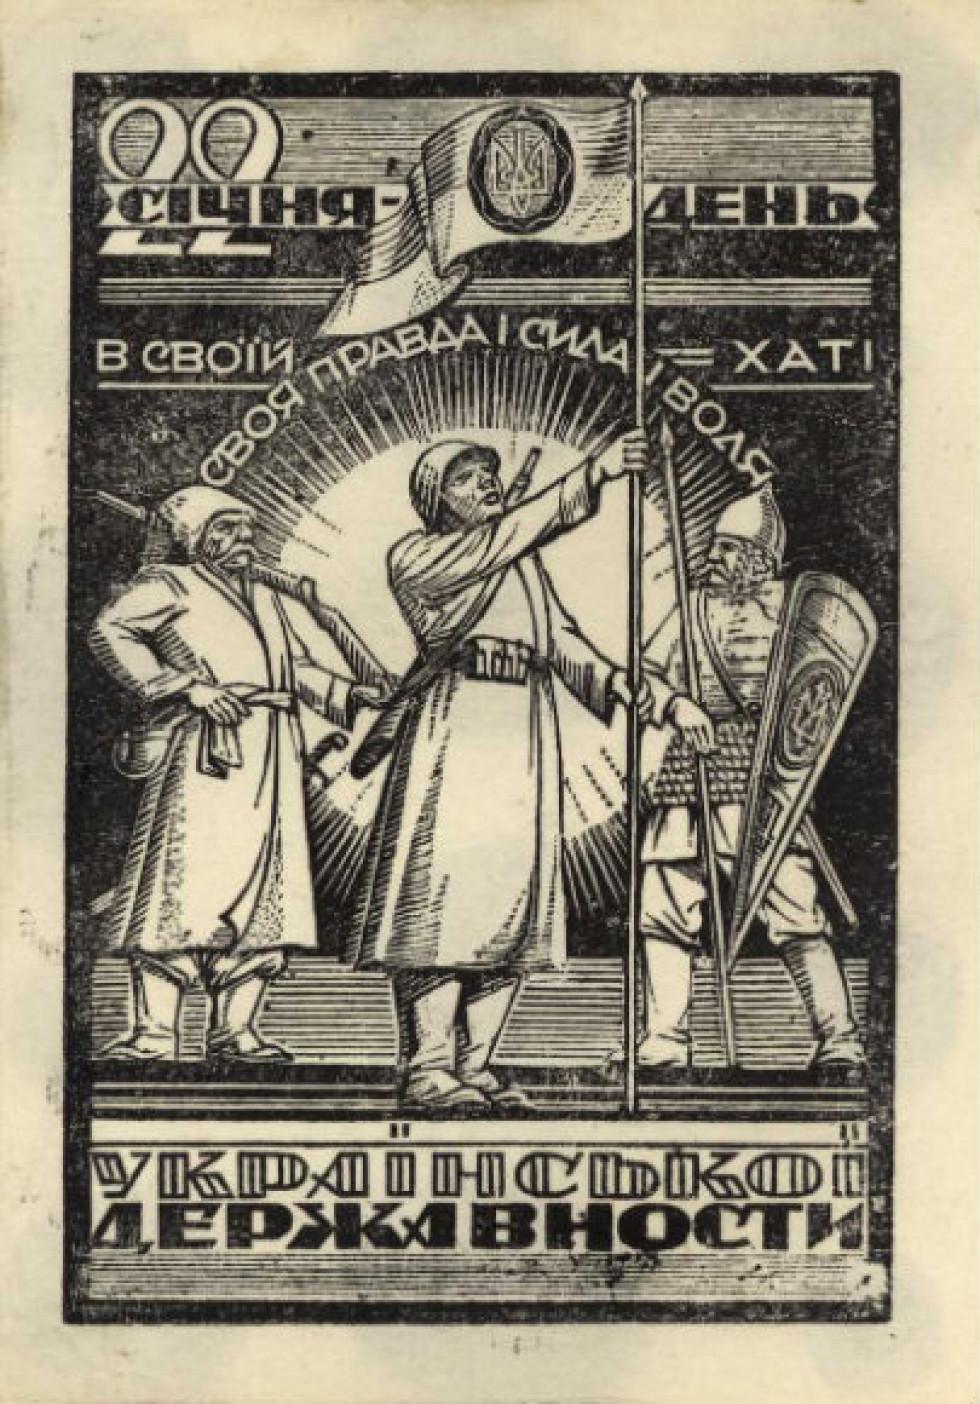 Нинішній День соборності тоді називали Днем державності. Стандартні три воїна упівської пропаганди - княжий дружинник, козак, боєць УПА